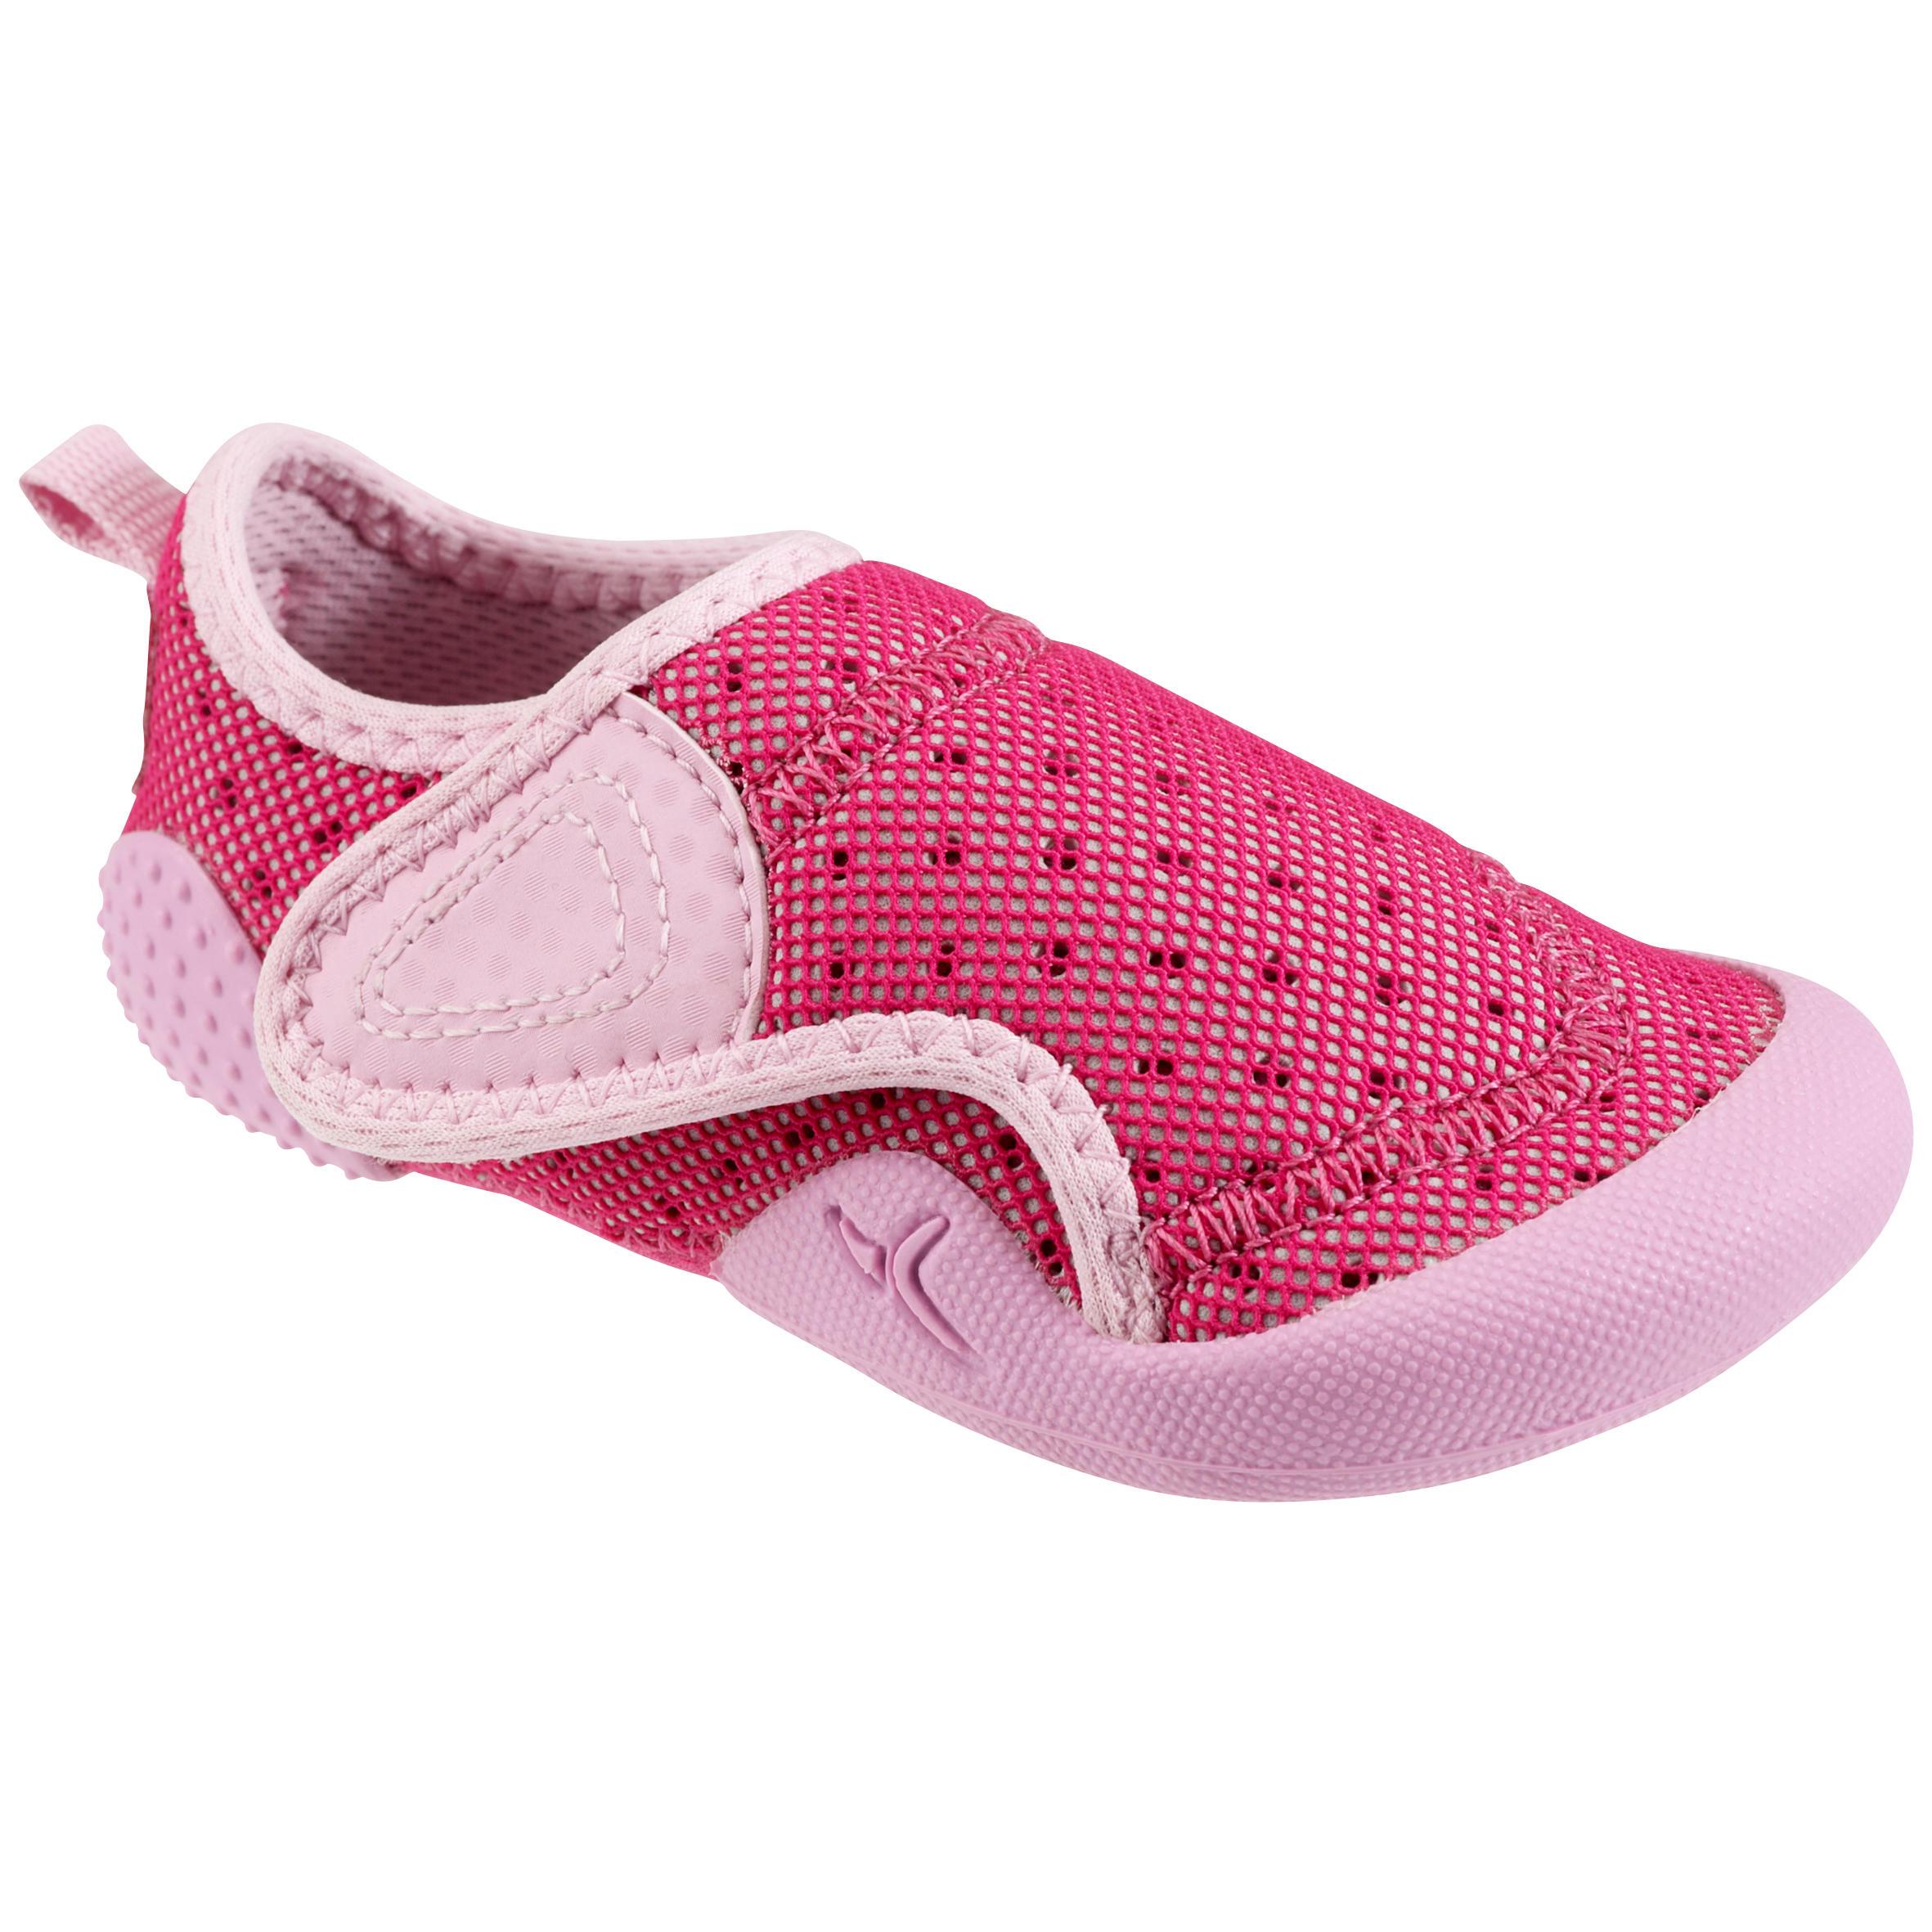 Baby,Kinder,Jungen,Kinder Turnschuhe 500 Babylight Turnen rosa/pink | 03608419700640